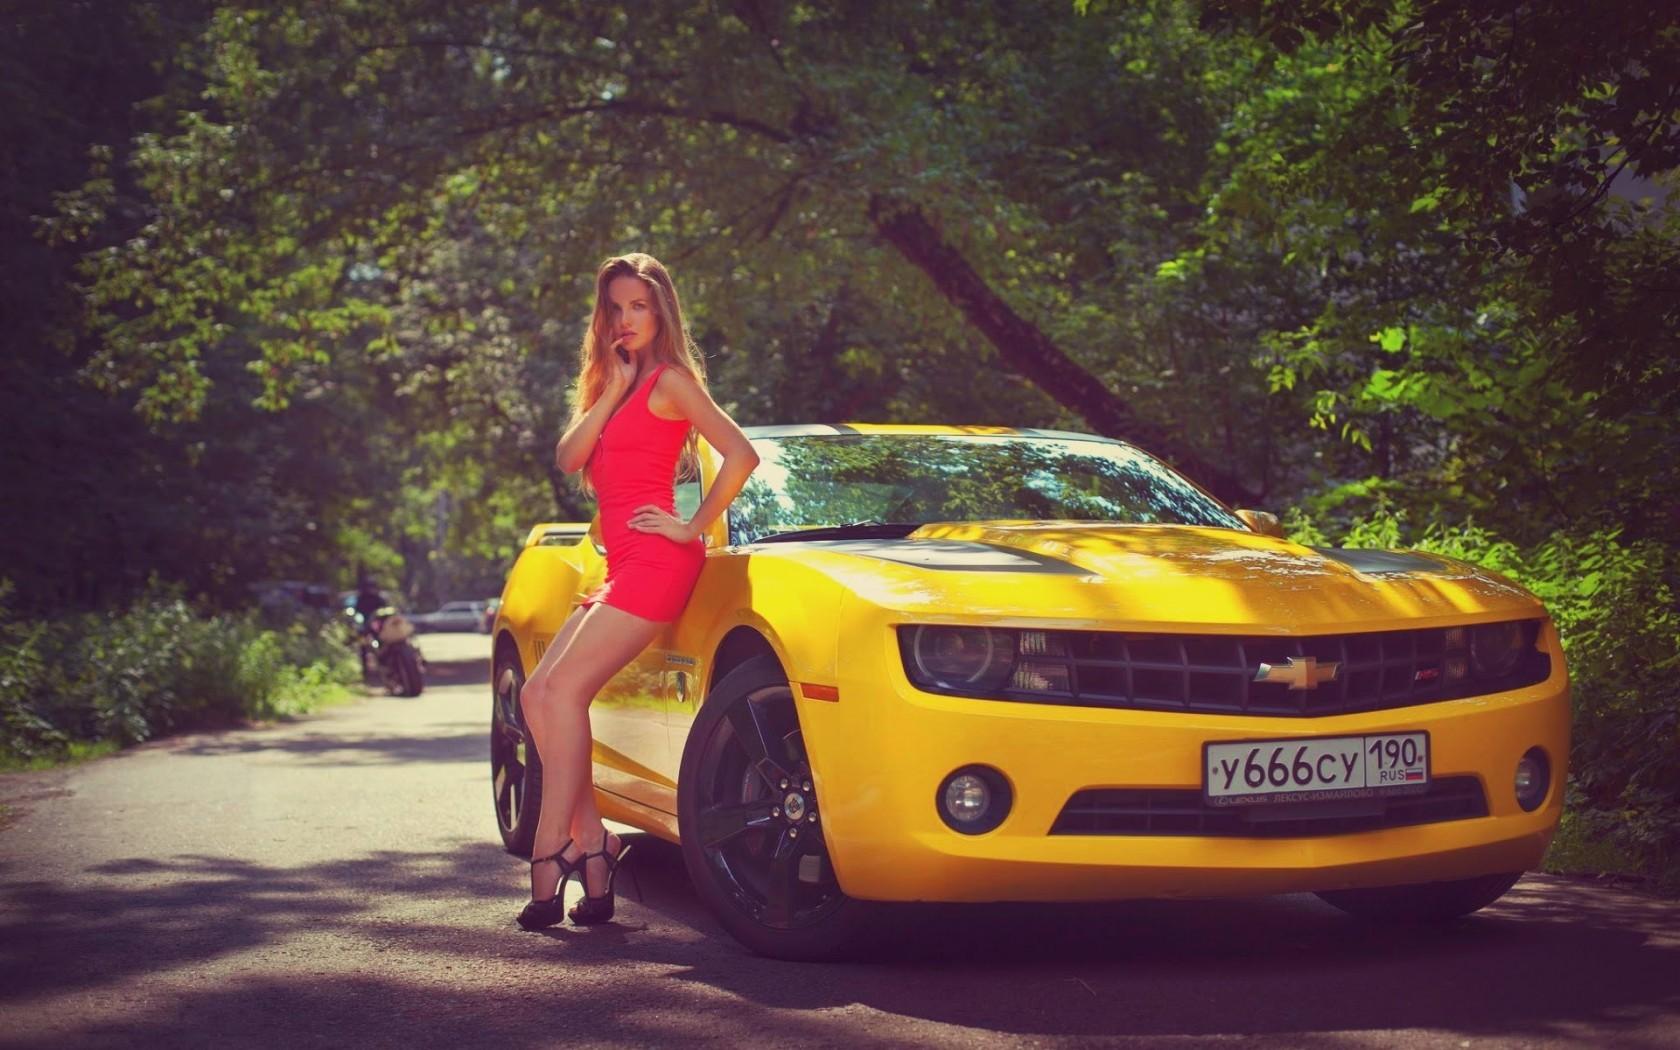 Фото обой девушки и машины